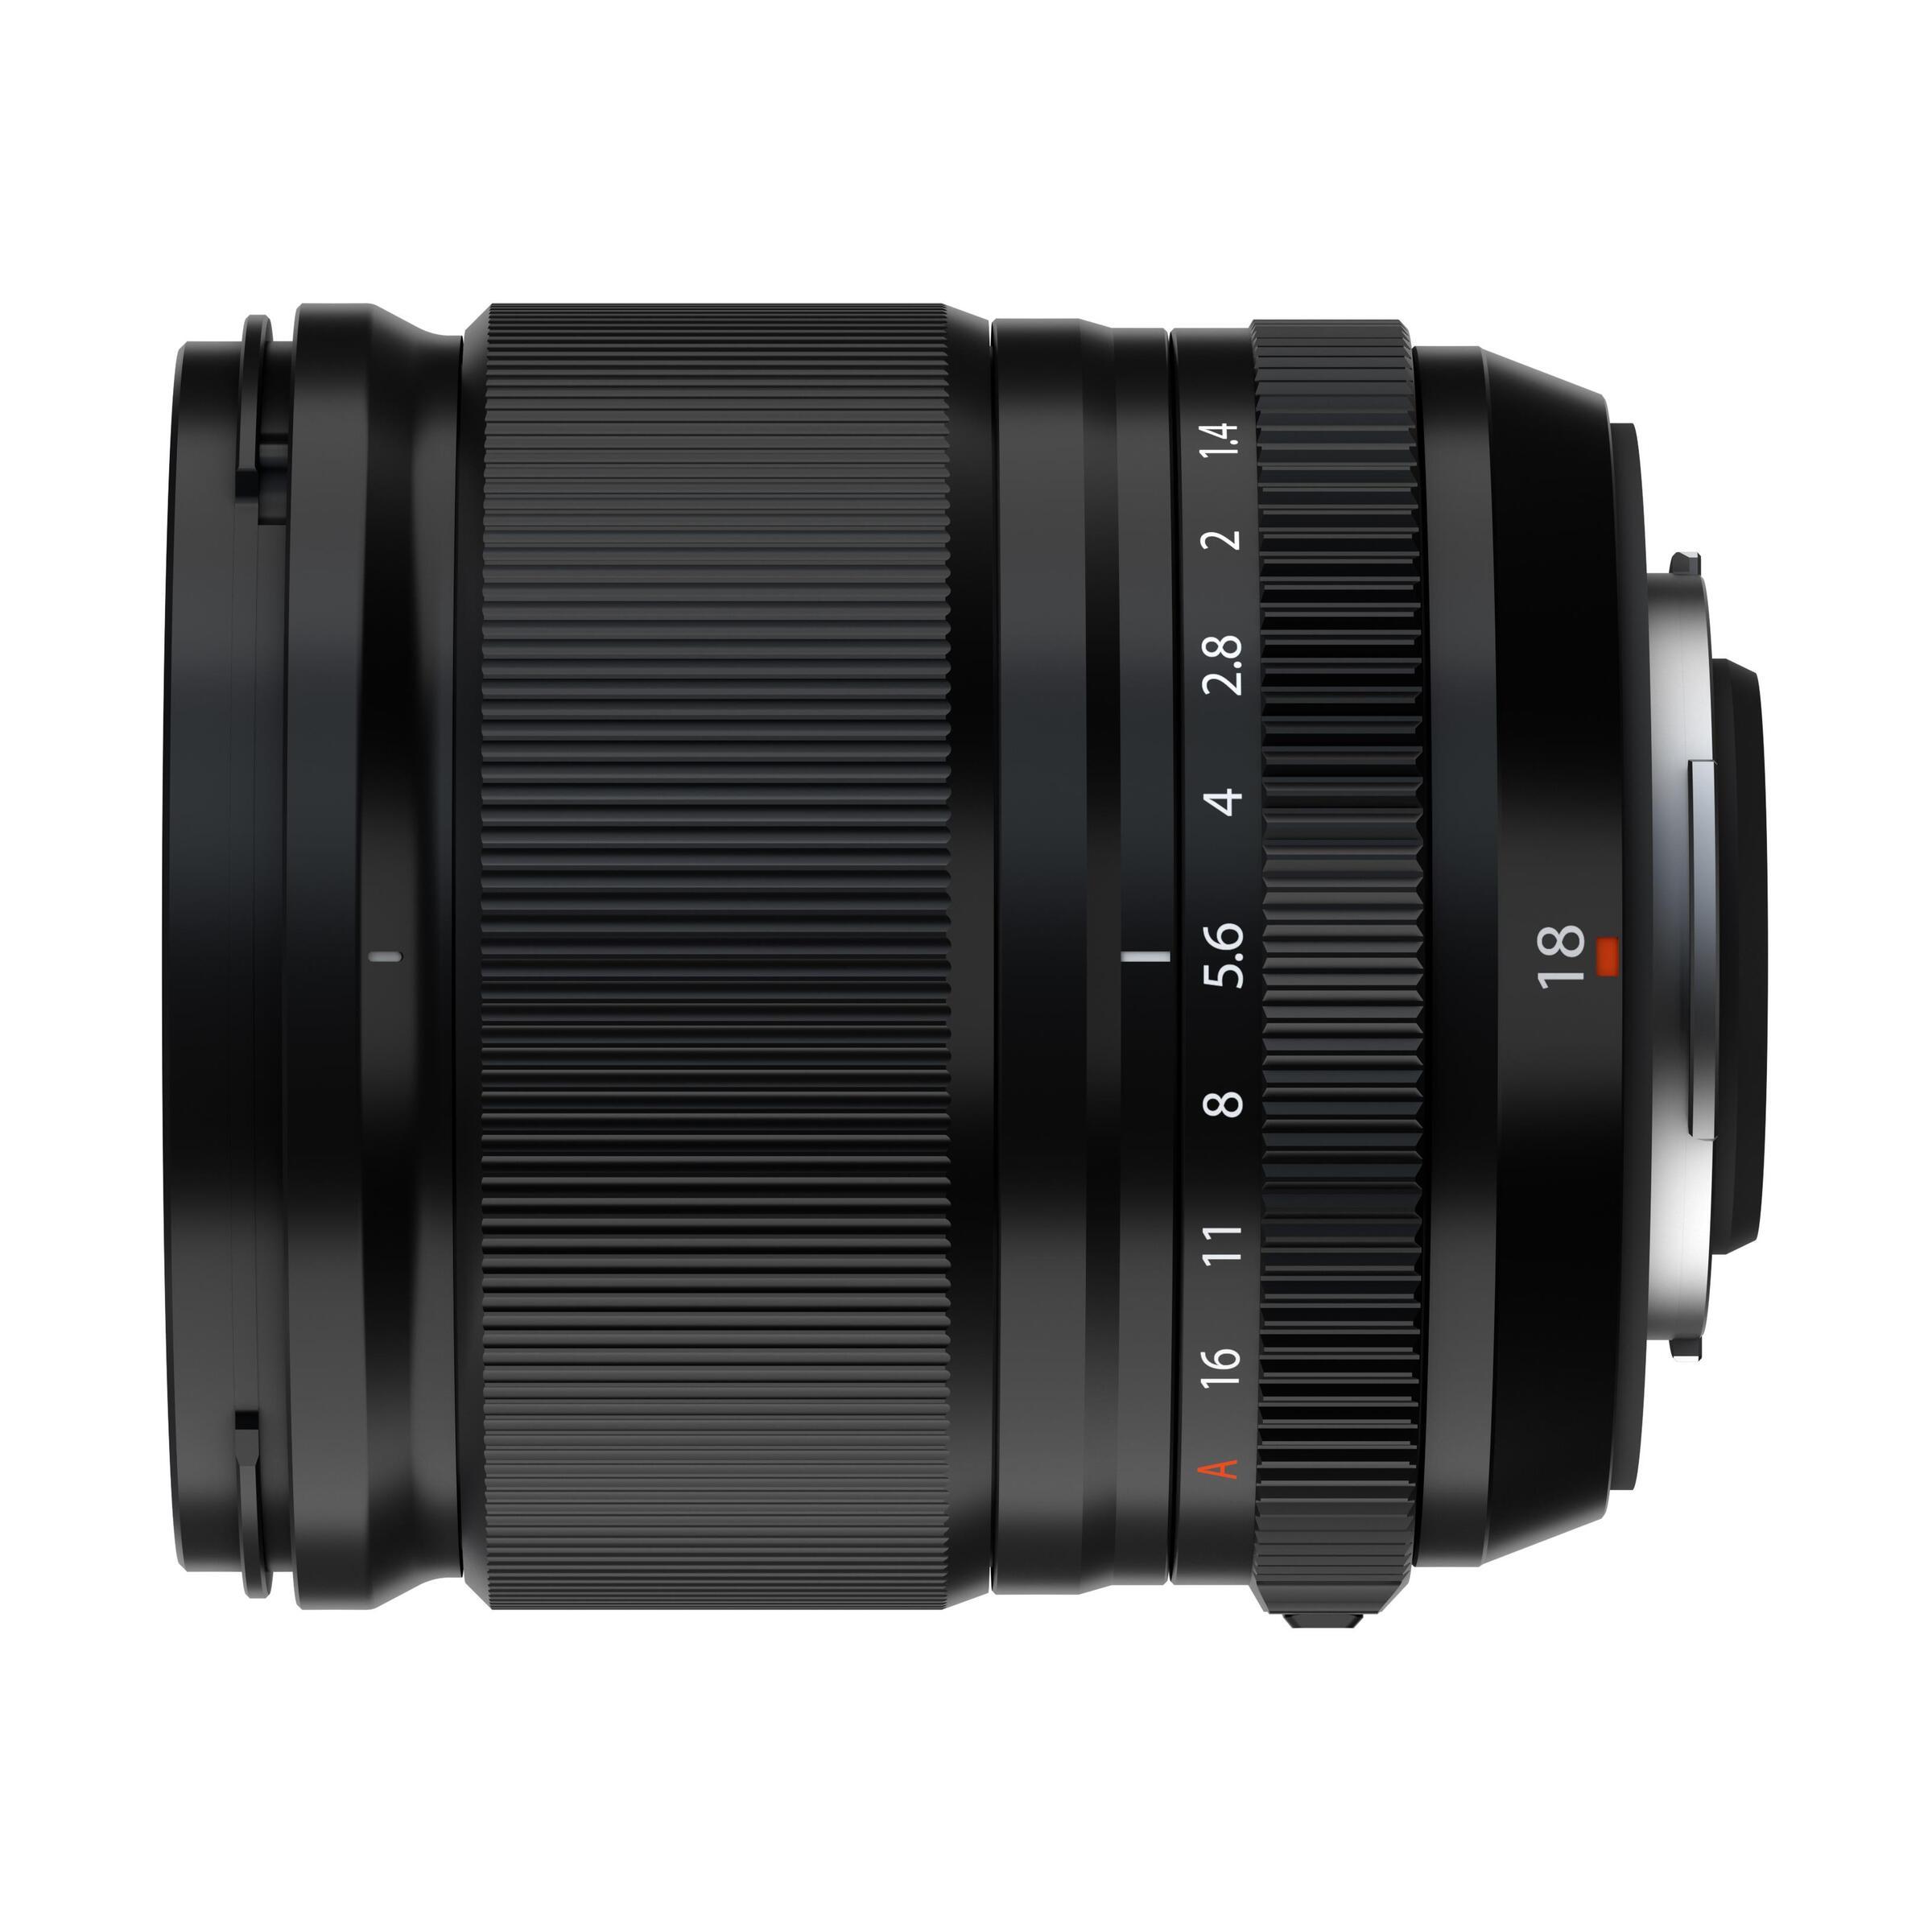 FUJIFILM XF 18mm f/1,4 R LM WR